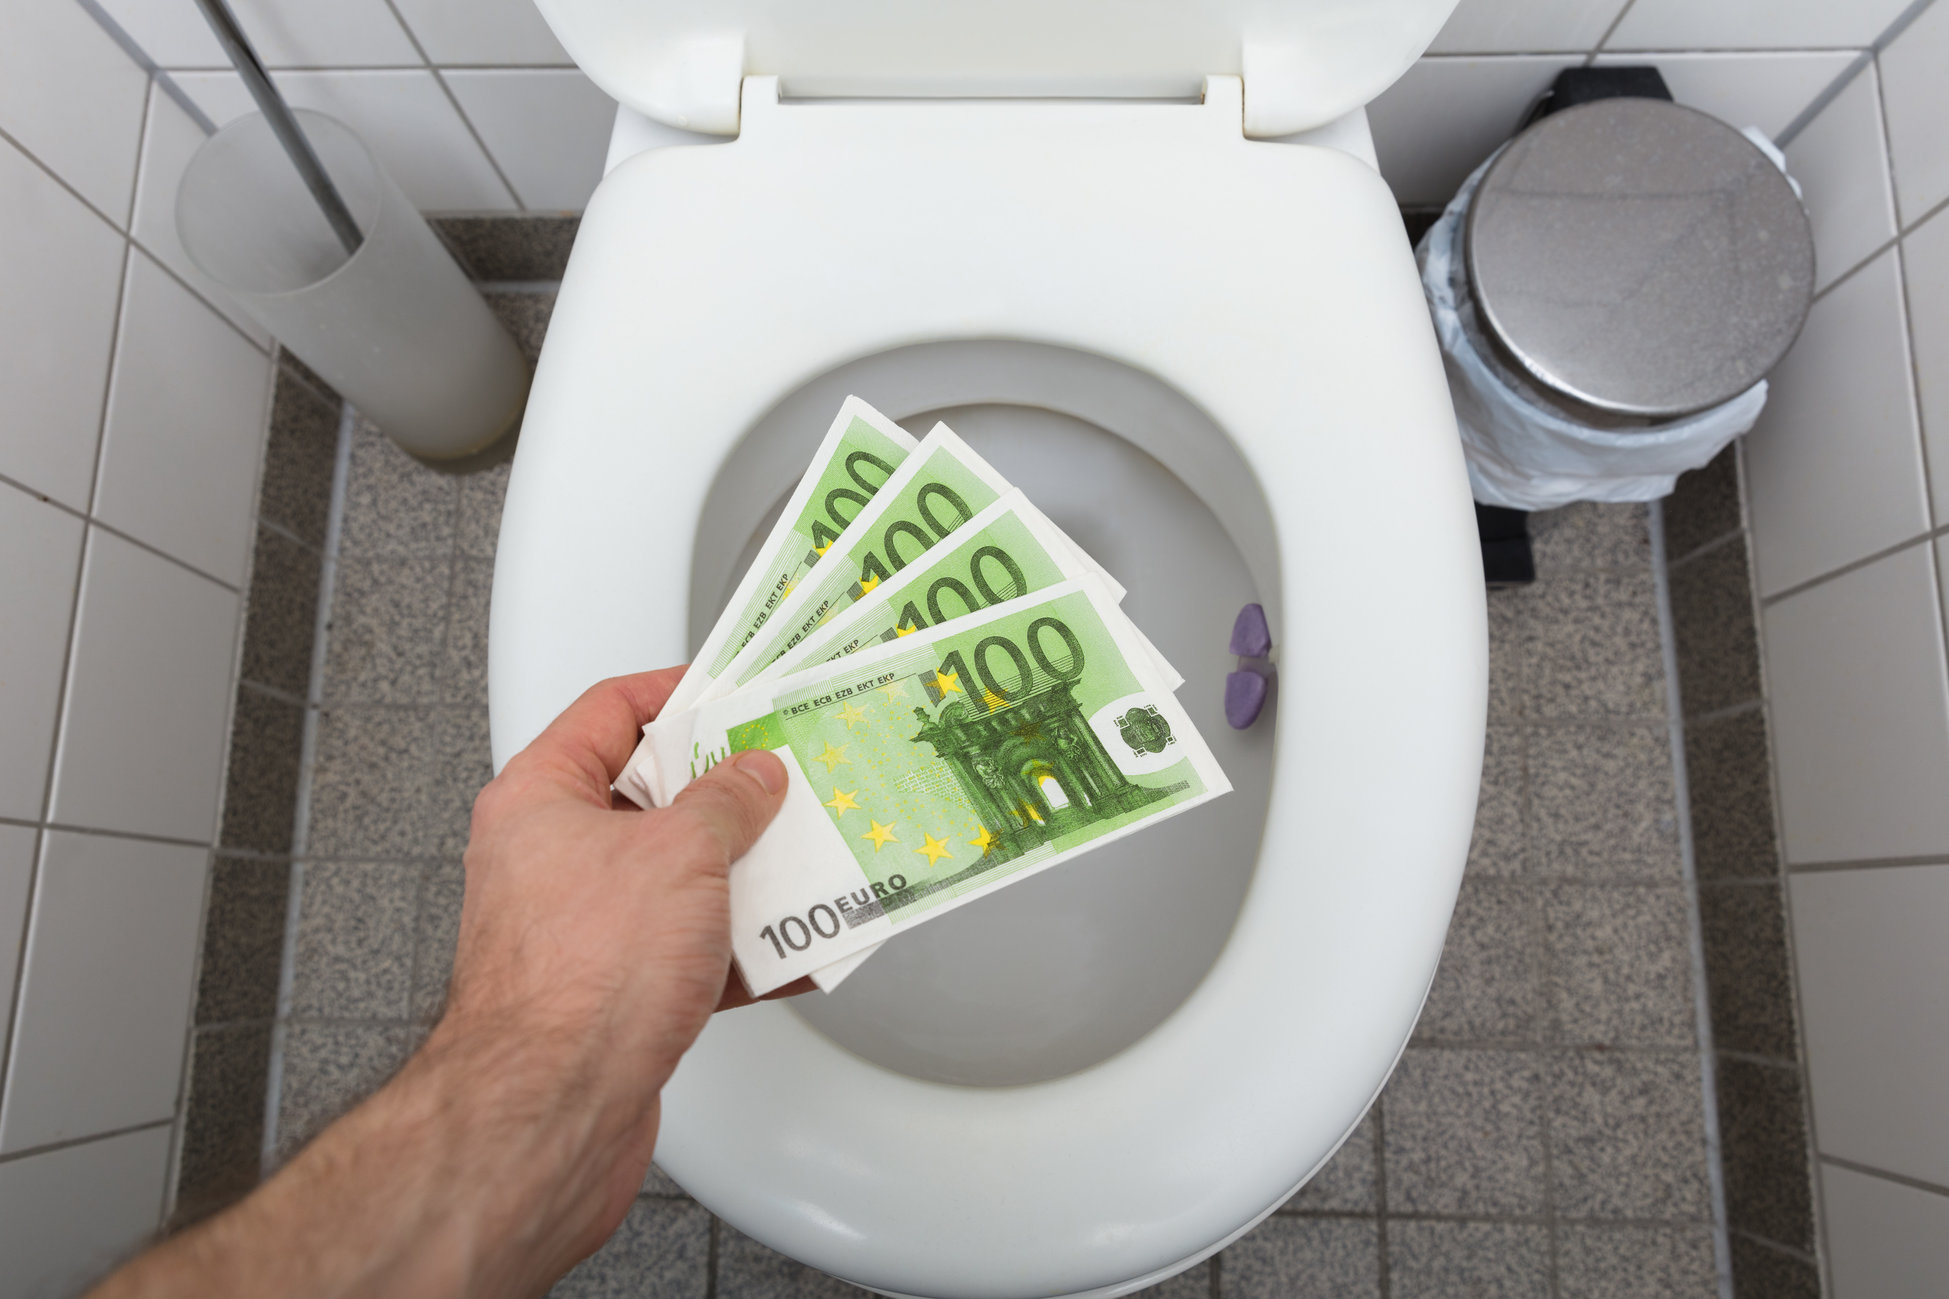 אז כמה כסף בחודש אתם זורקים על ביטוחים מיותרים?